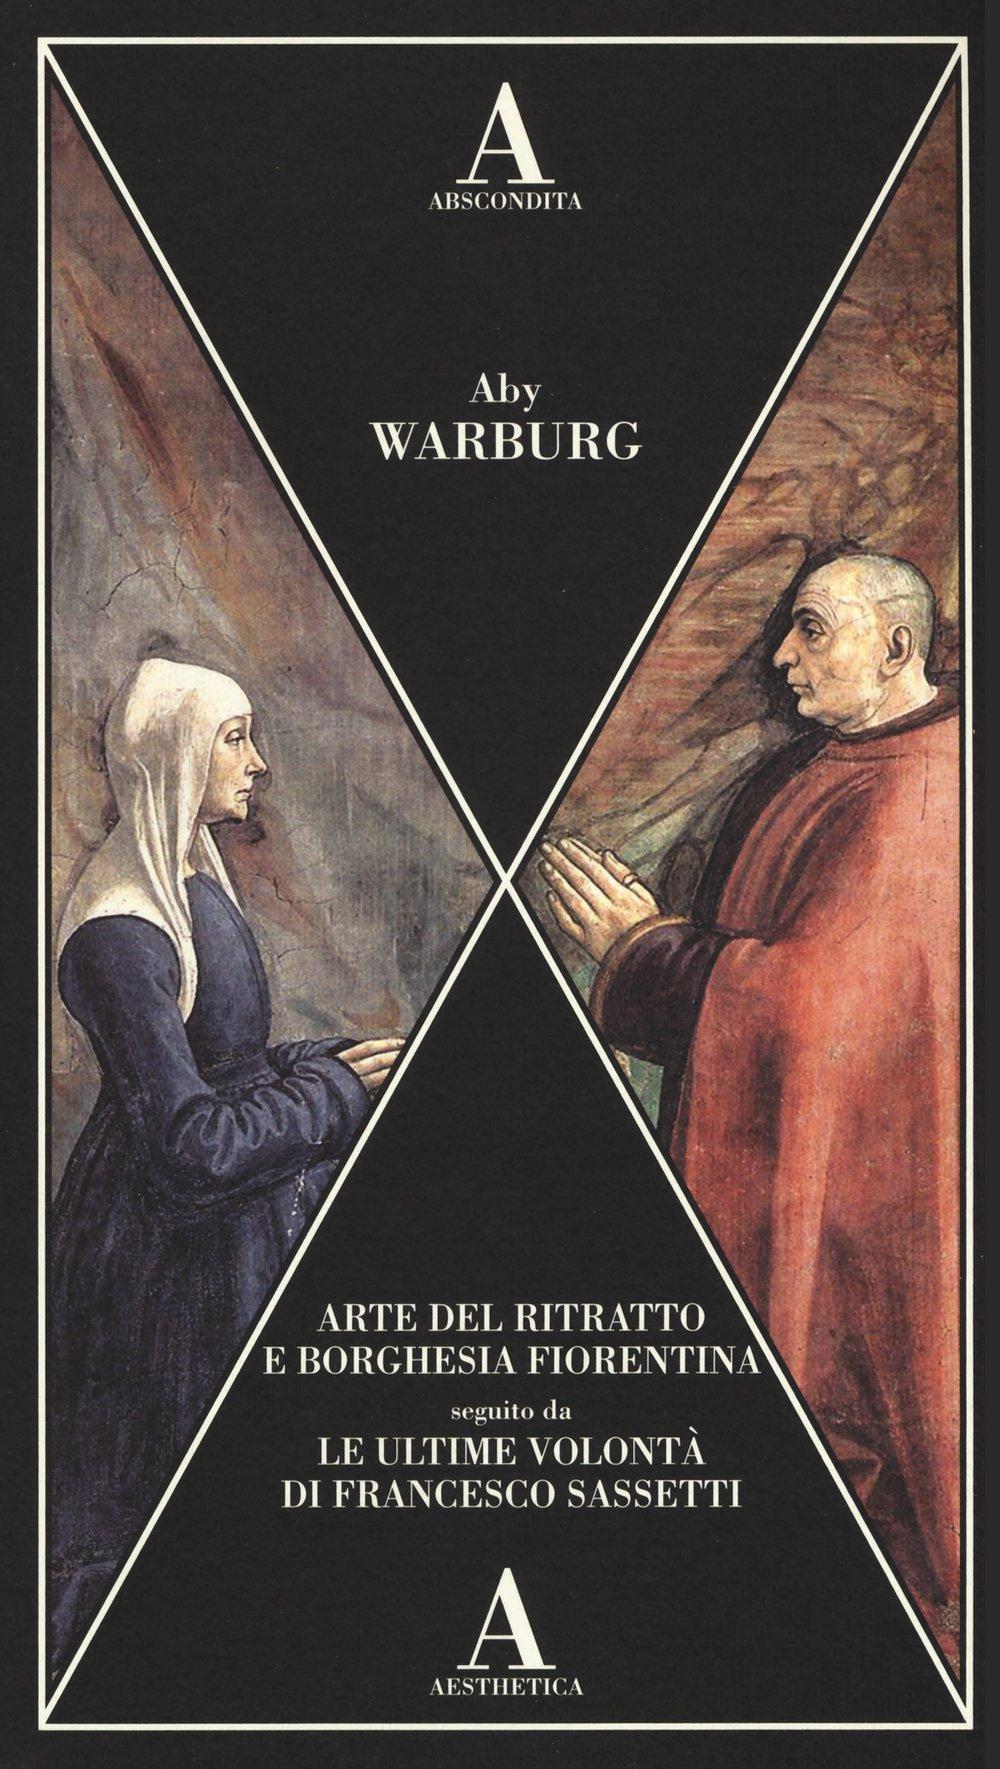 Arte del ritratto e borghesia fiorentina - Le ultime volontà di Francesco Sassetti